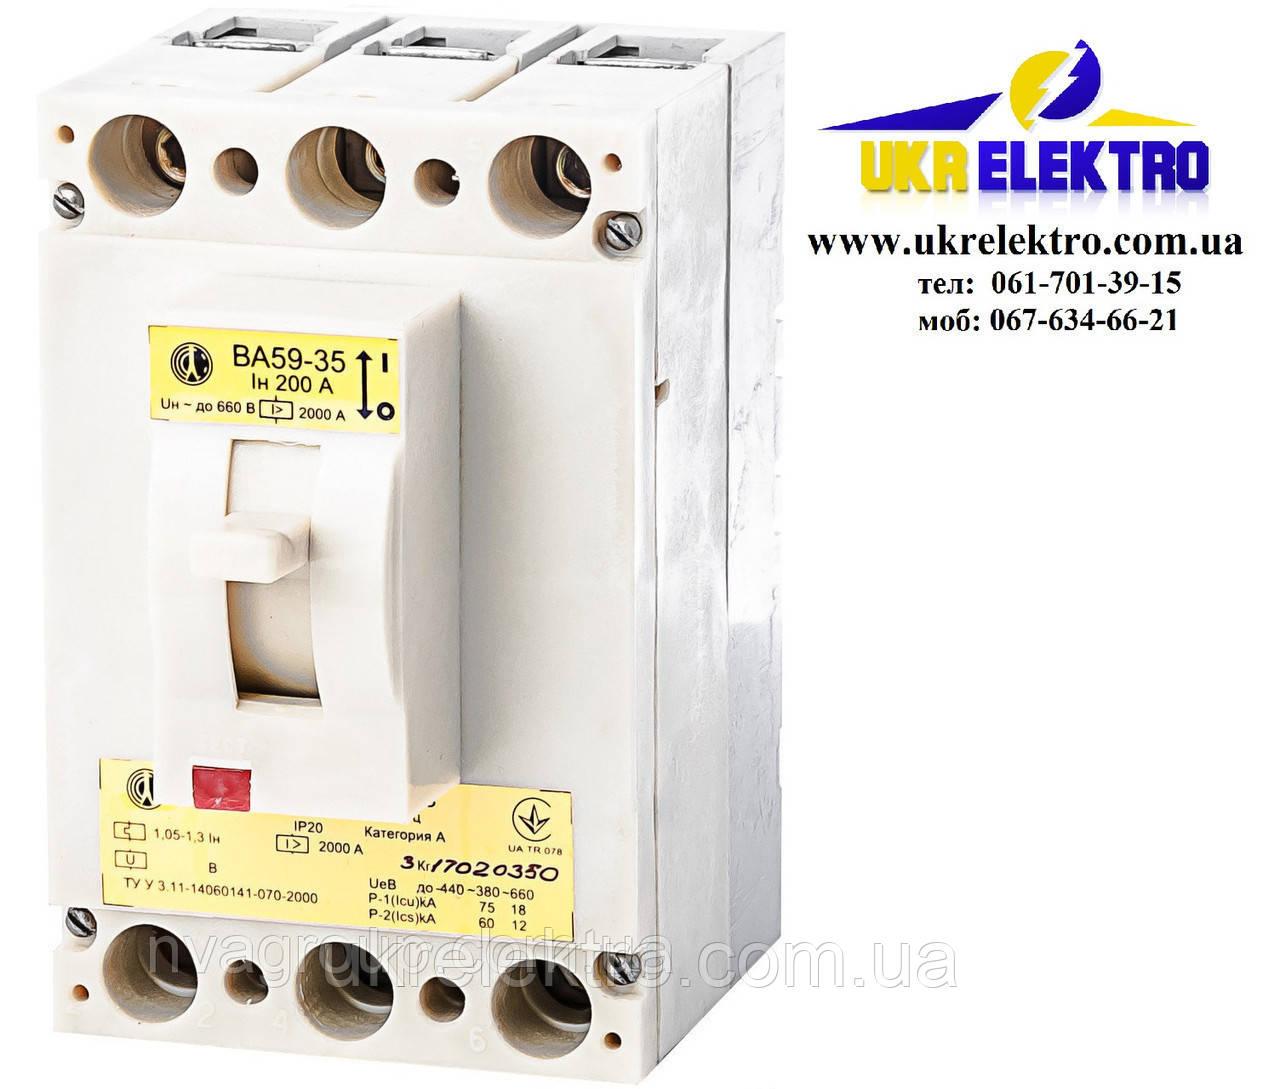 Автоматический выключатель ВА 59-35 125 А